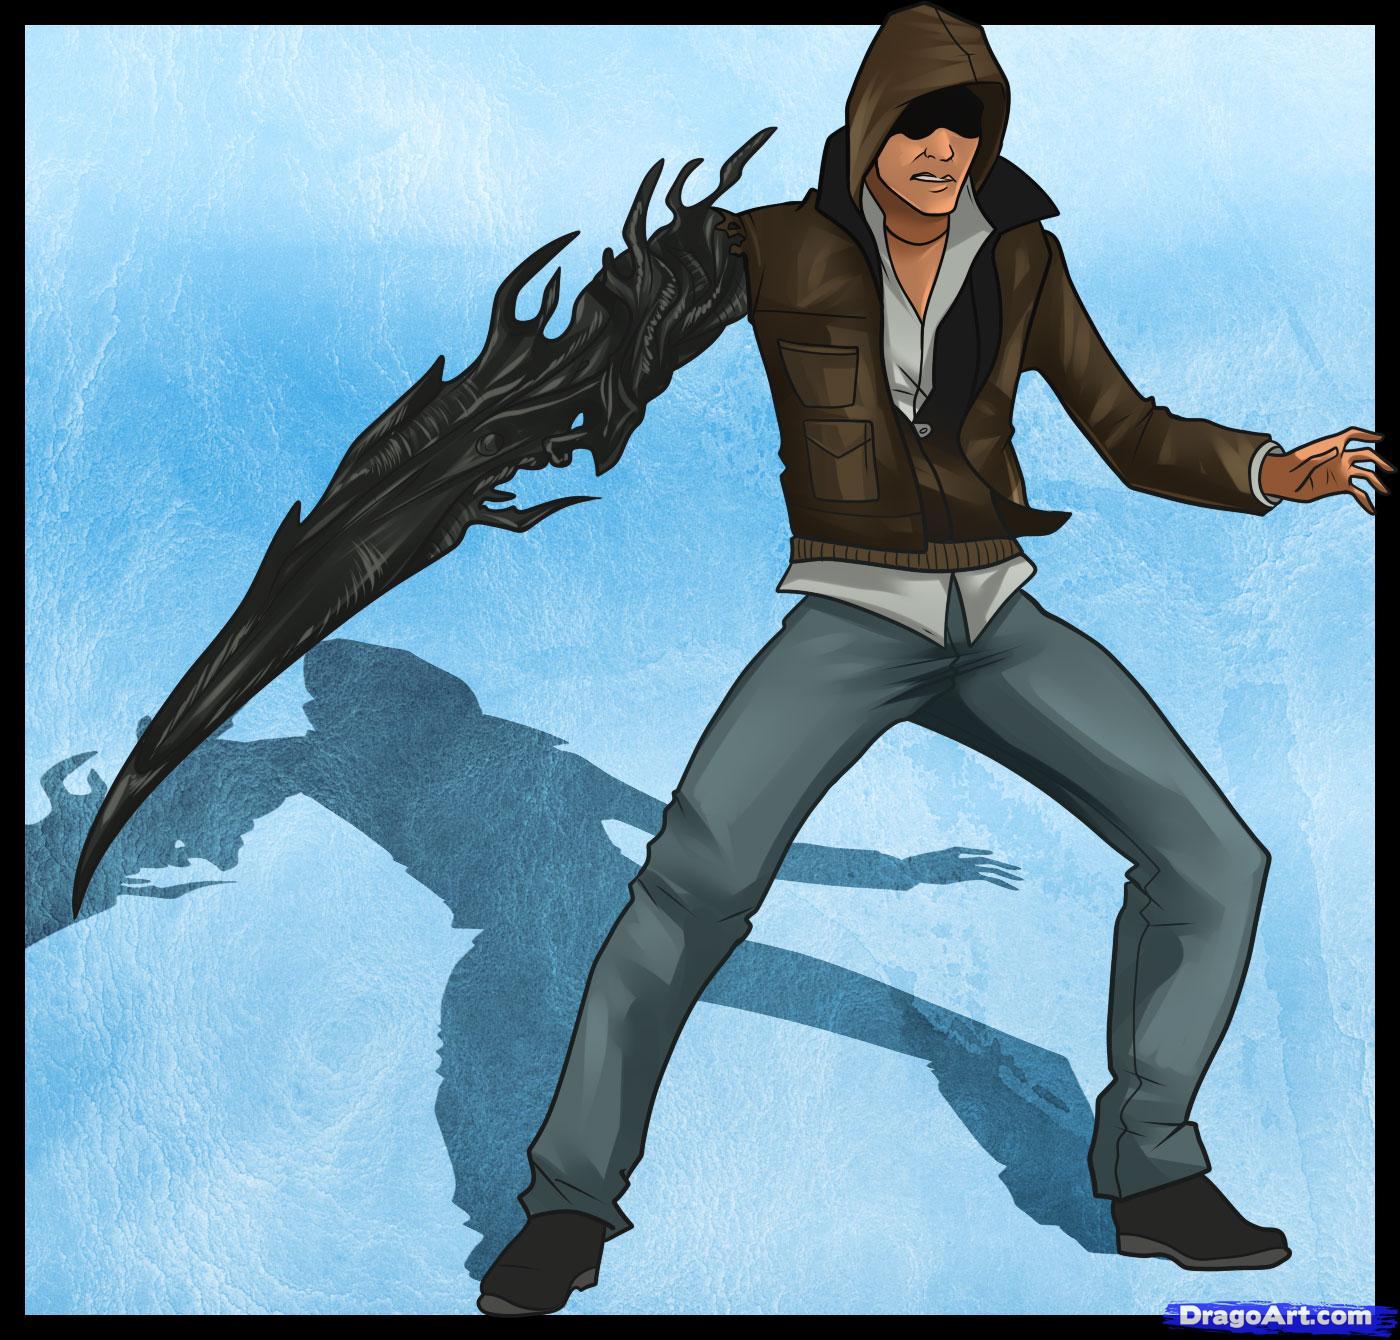 Drawn weapon prototype Mercer how How prototype Alex